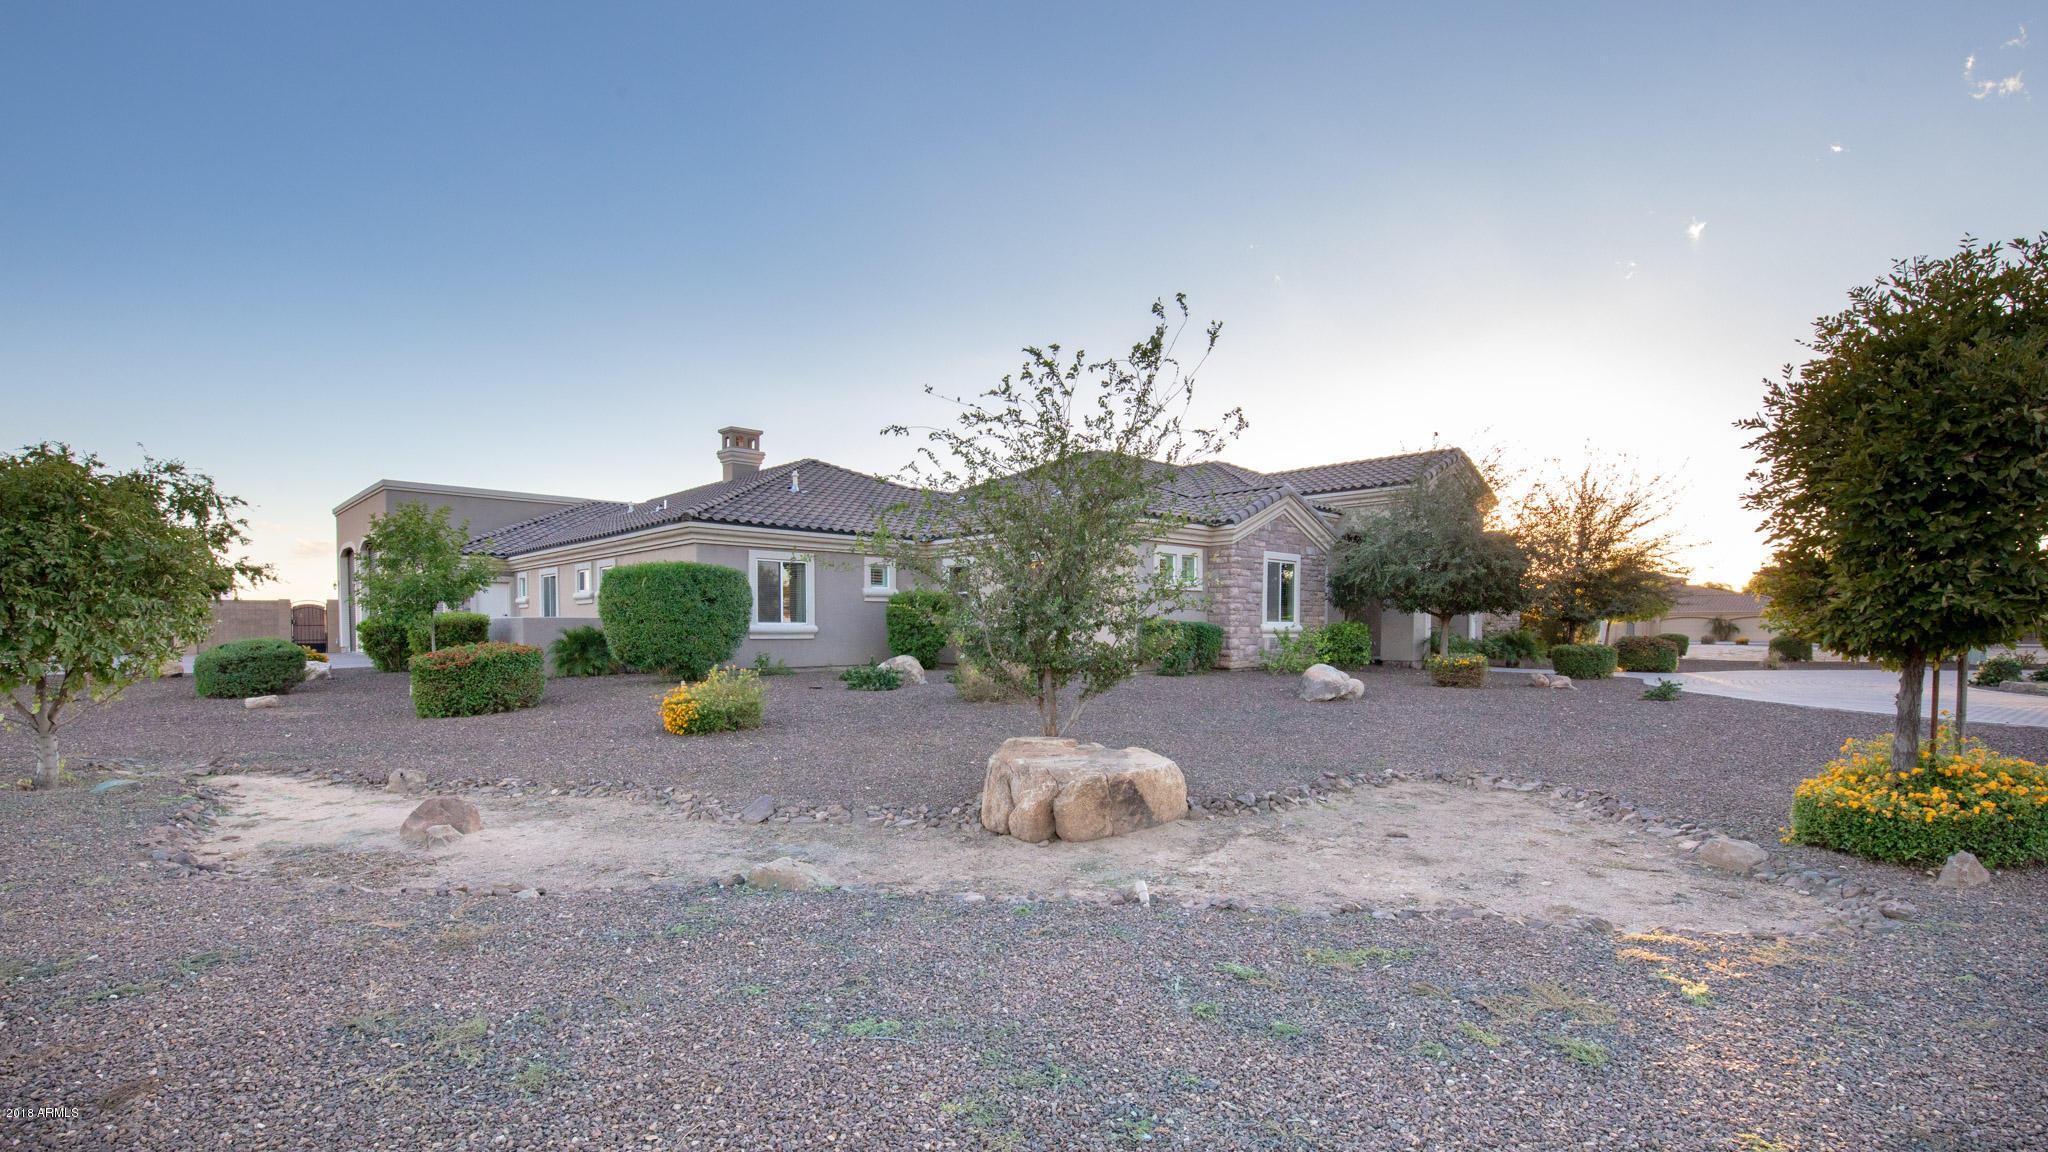 MLS 5844852 21849 E PEGASUS Parkway, Queen Creek, AZ 85142 Queen Creek AZ Equestrian